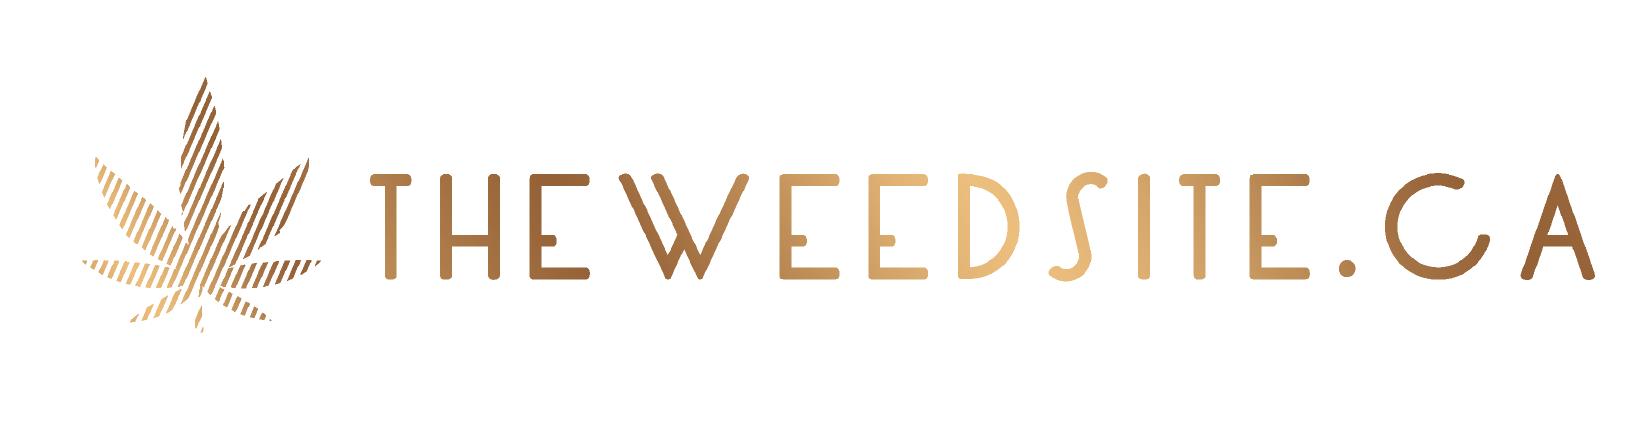 TheWeedSite.ca